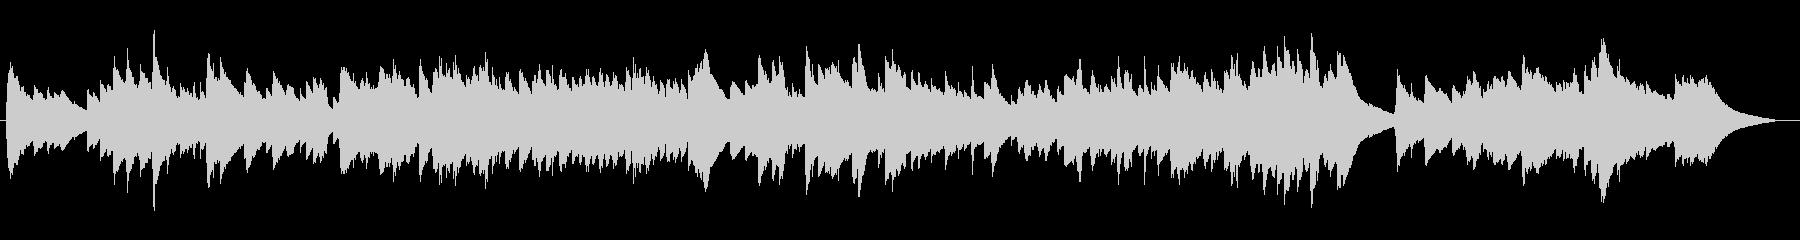 ワーグナーのニュルンベルク_オルゴール風の未再生の波形